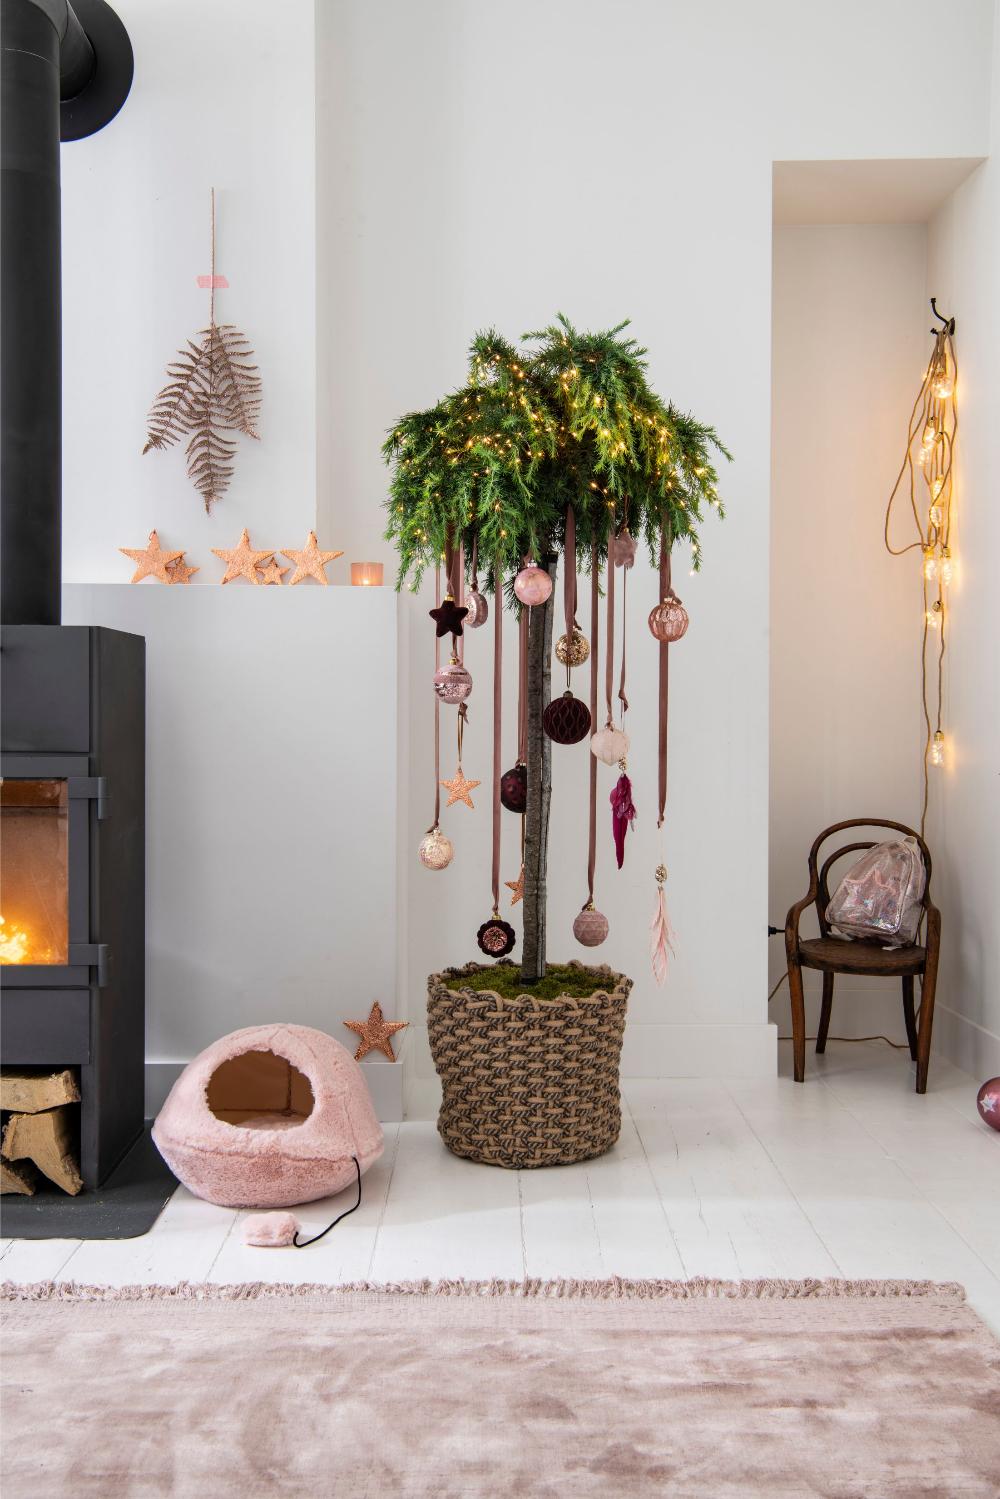 Intratuin kersttrends 2019: dit zijn de 4 nieuwe thema's #kerstboomversieringen2019